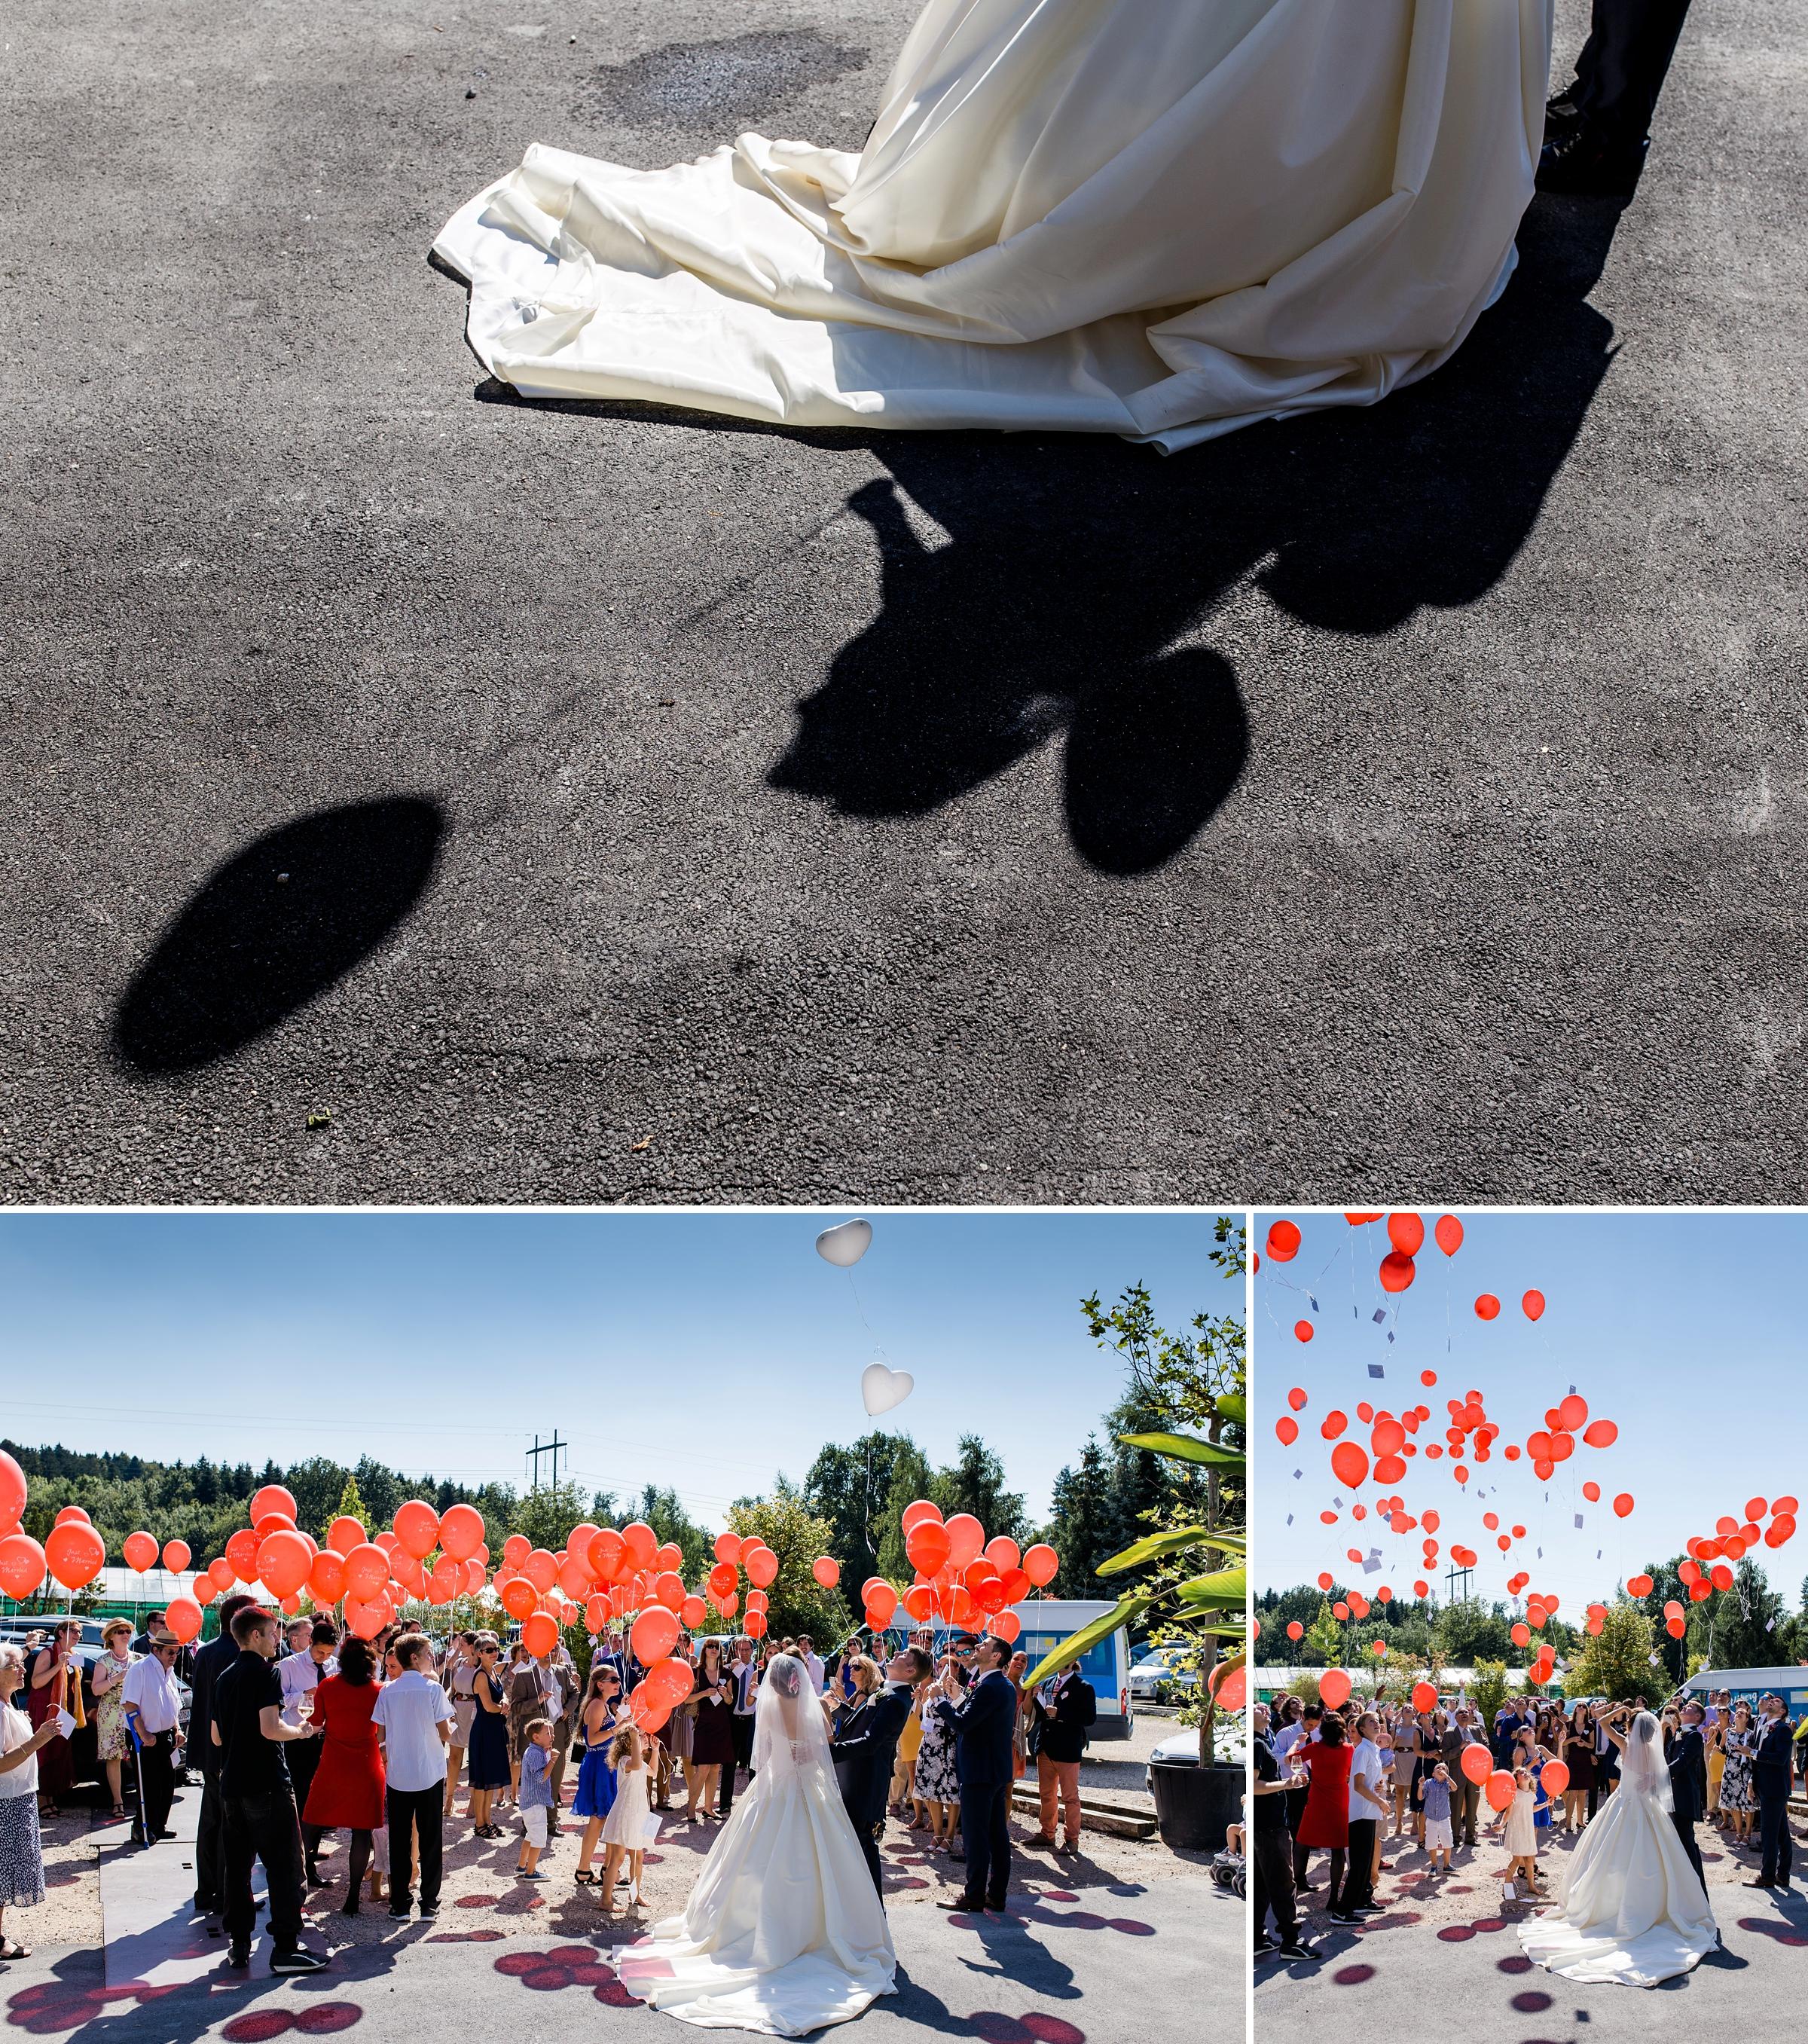 Hochzeitsfotograf-Zuerich-Luftballons-steigen-lassen-Giardino-Verde-Uitikon